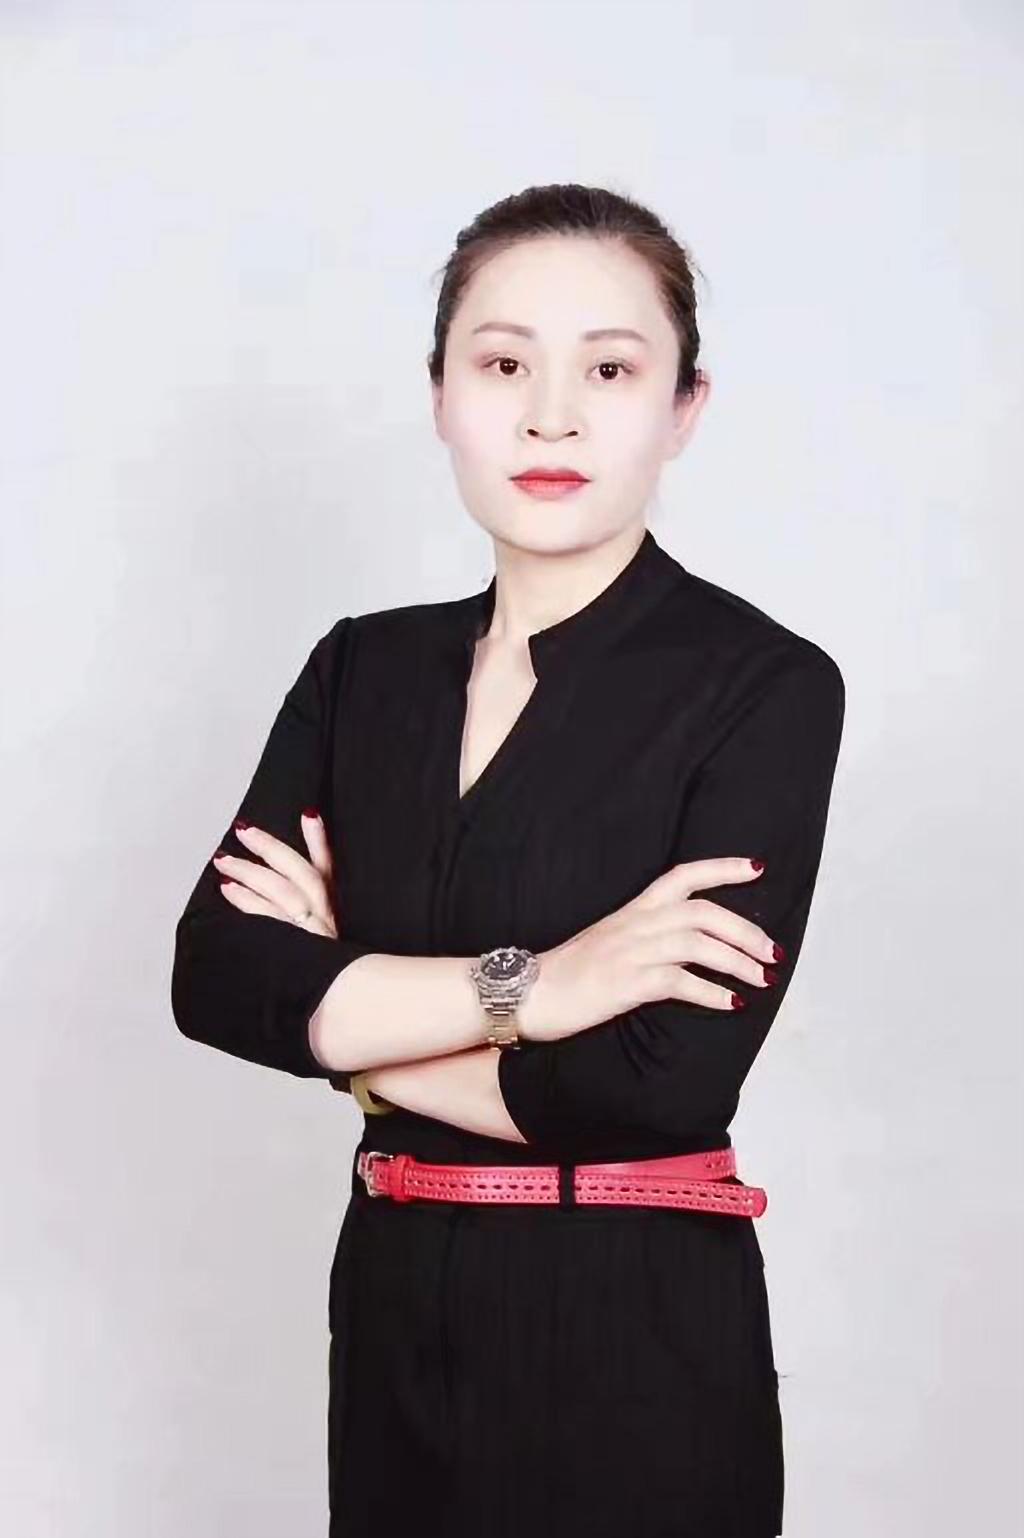 尚赫庞宗芳